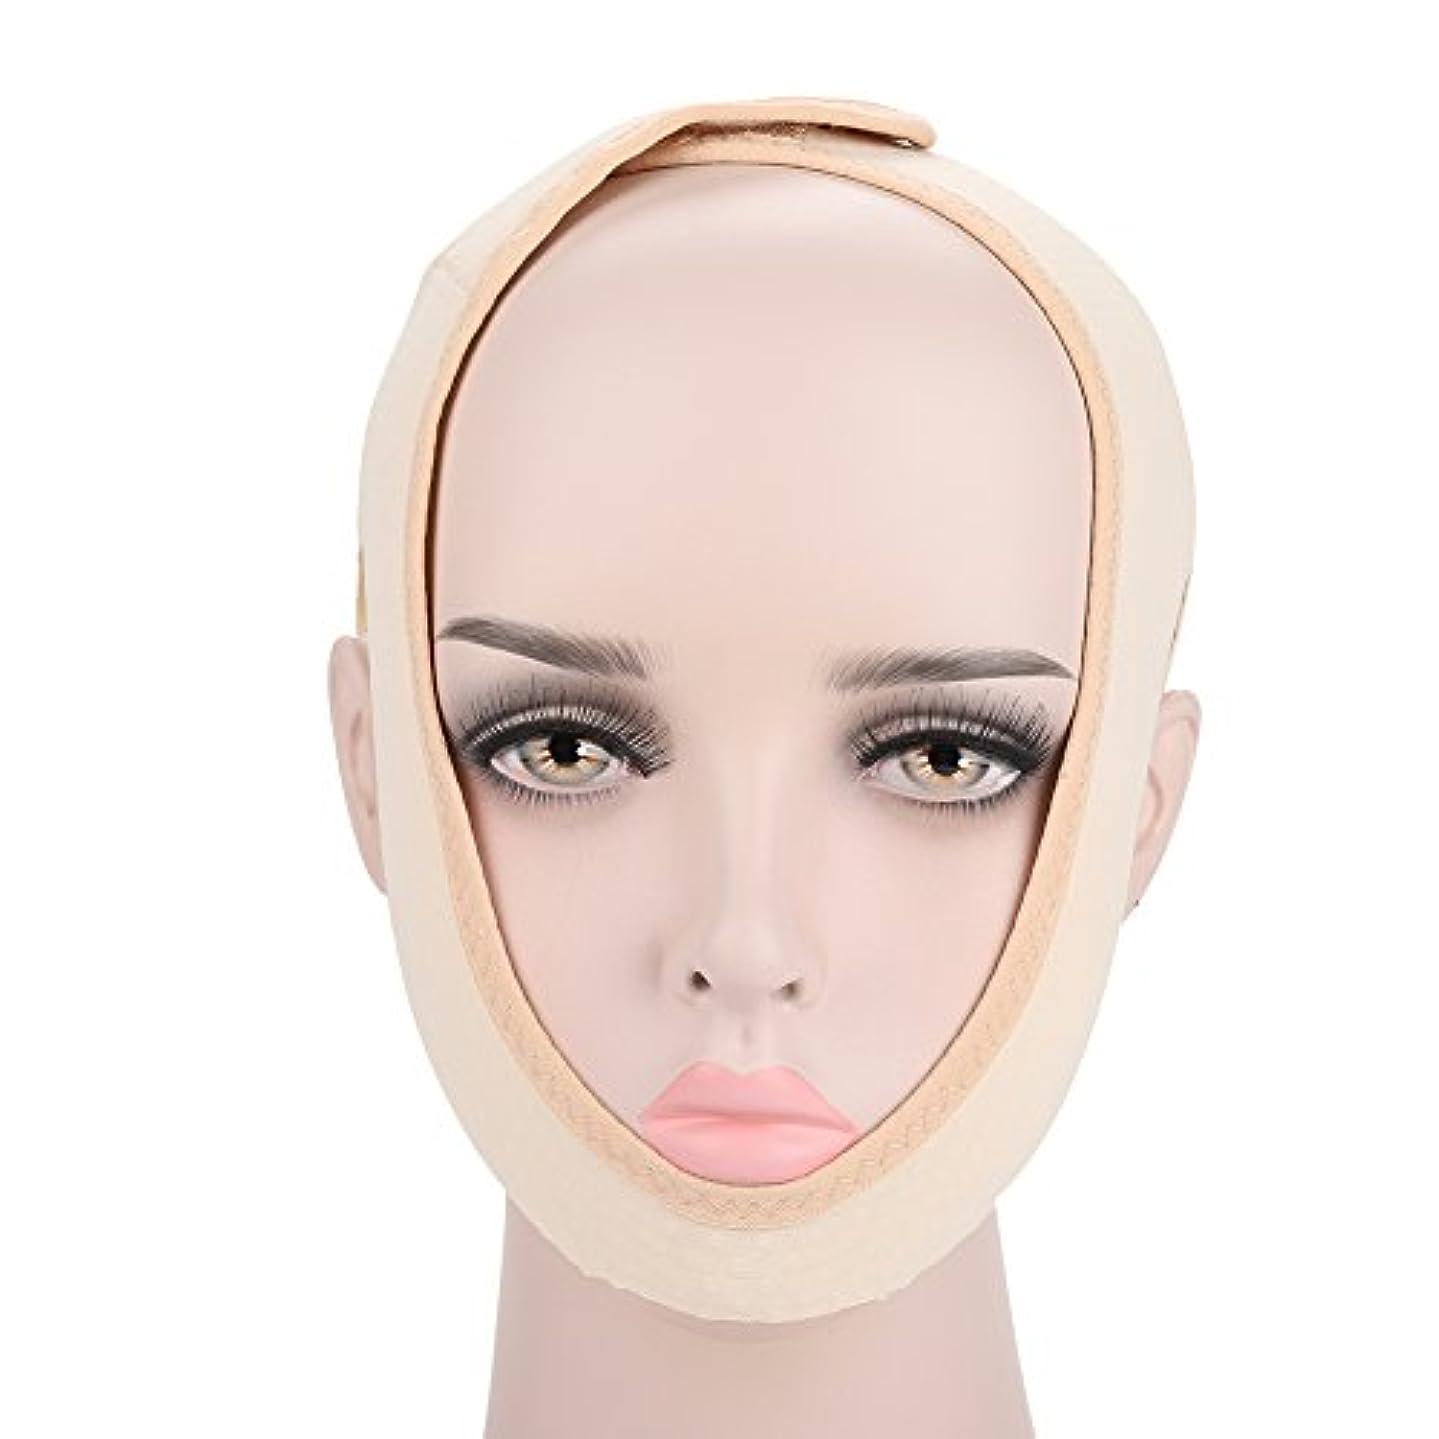 特殊いわゆるエンジン顔の輪郭を改善するための顔の痩身マスク、通気性と伸縮性、二重あごを和らげ、顔の手術とリハビリ